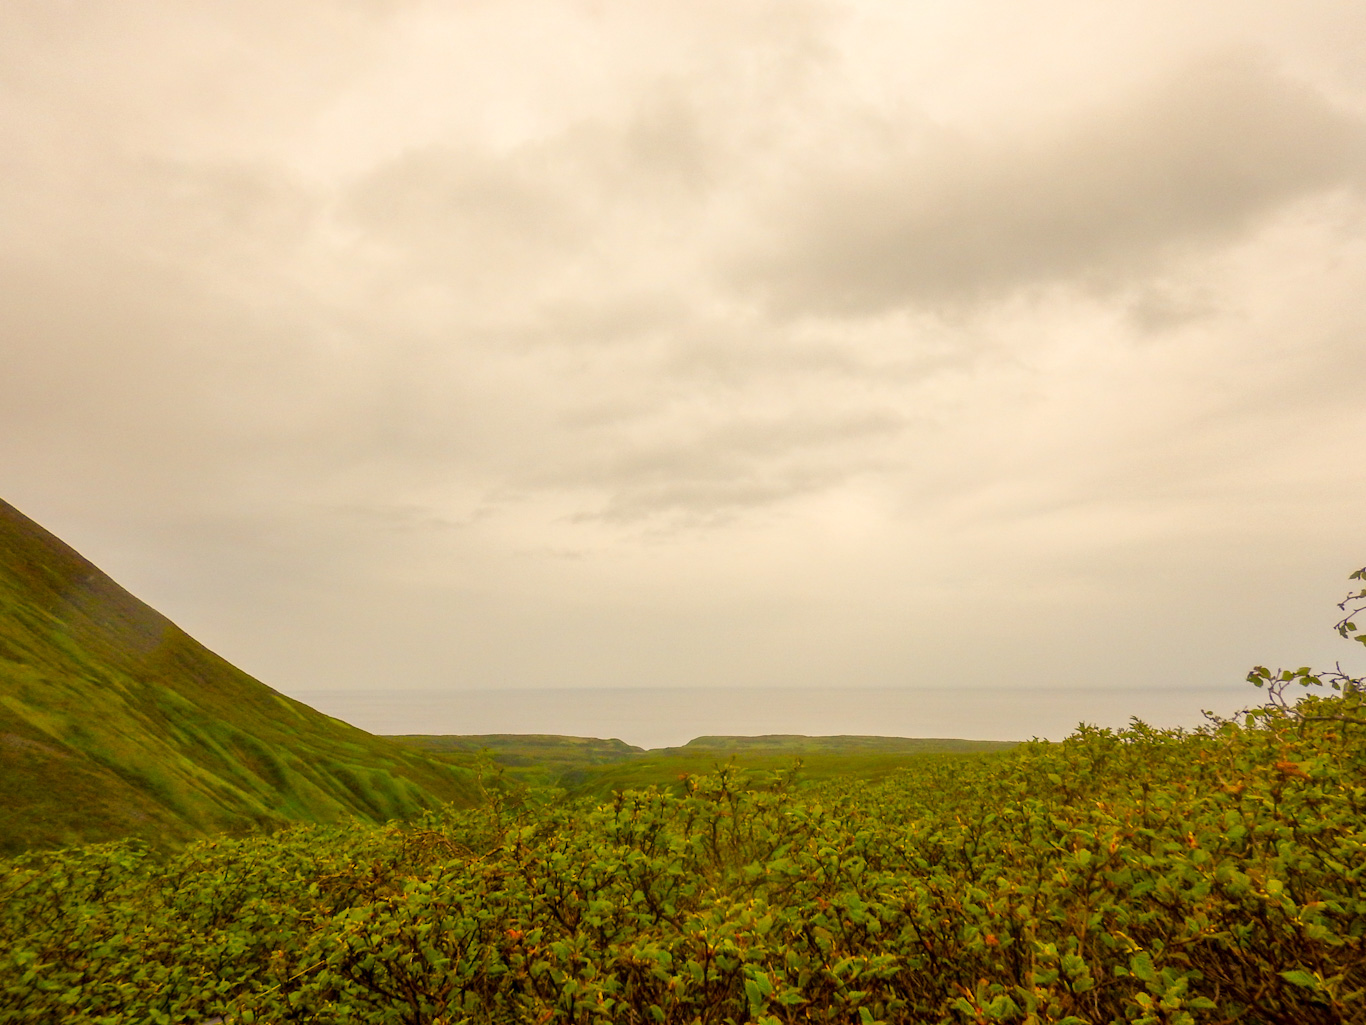 остров Парамушир. Охотское море